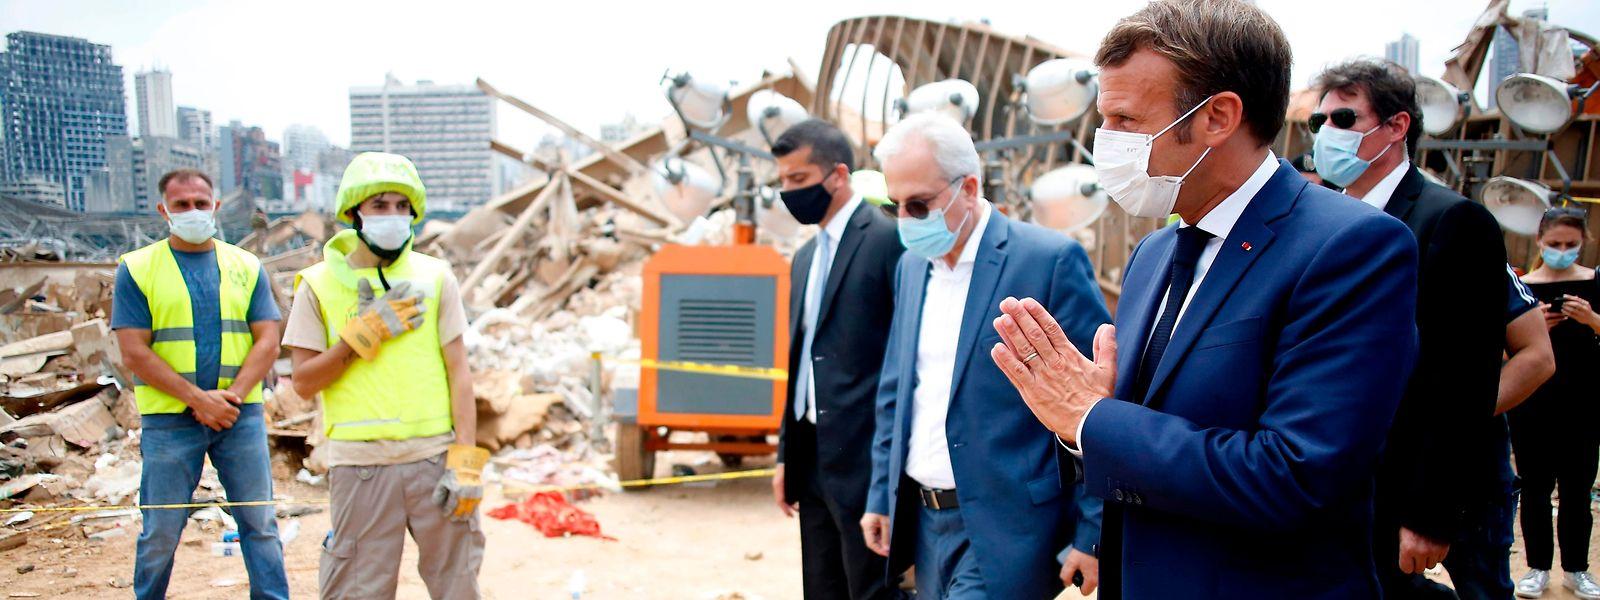 """Die frühere Kolonialmacht will """"umfassend helfen"""", versprach Frankreichs Staatschef Emmanuel Macron gestern bei seinem Besuch in der libanesischen Hauptstadt Beirut."""